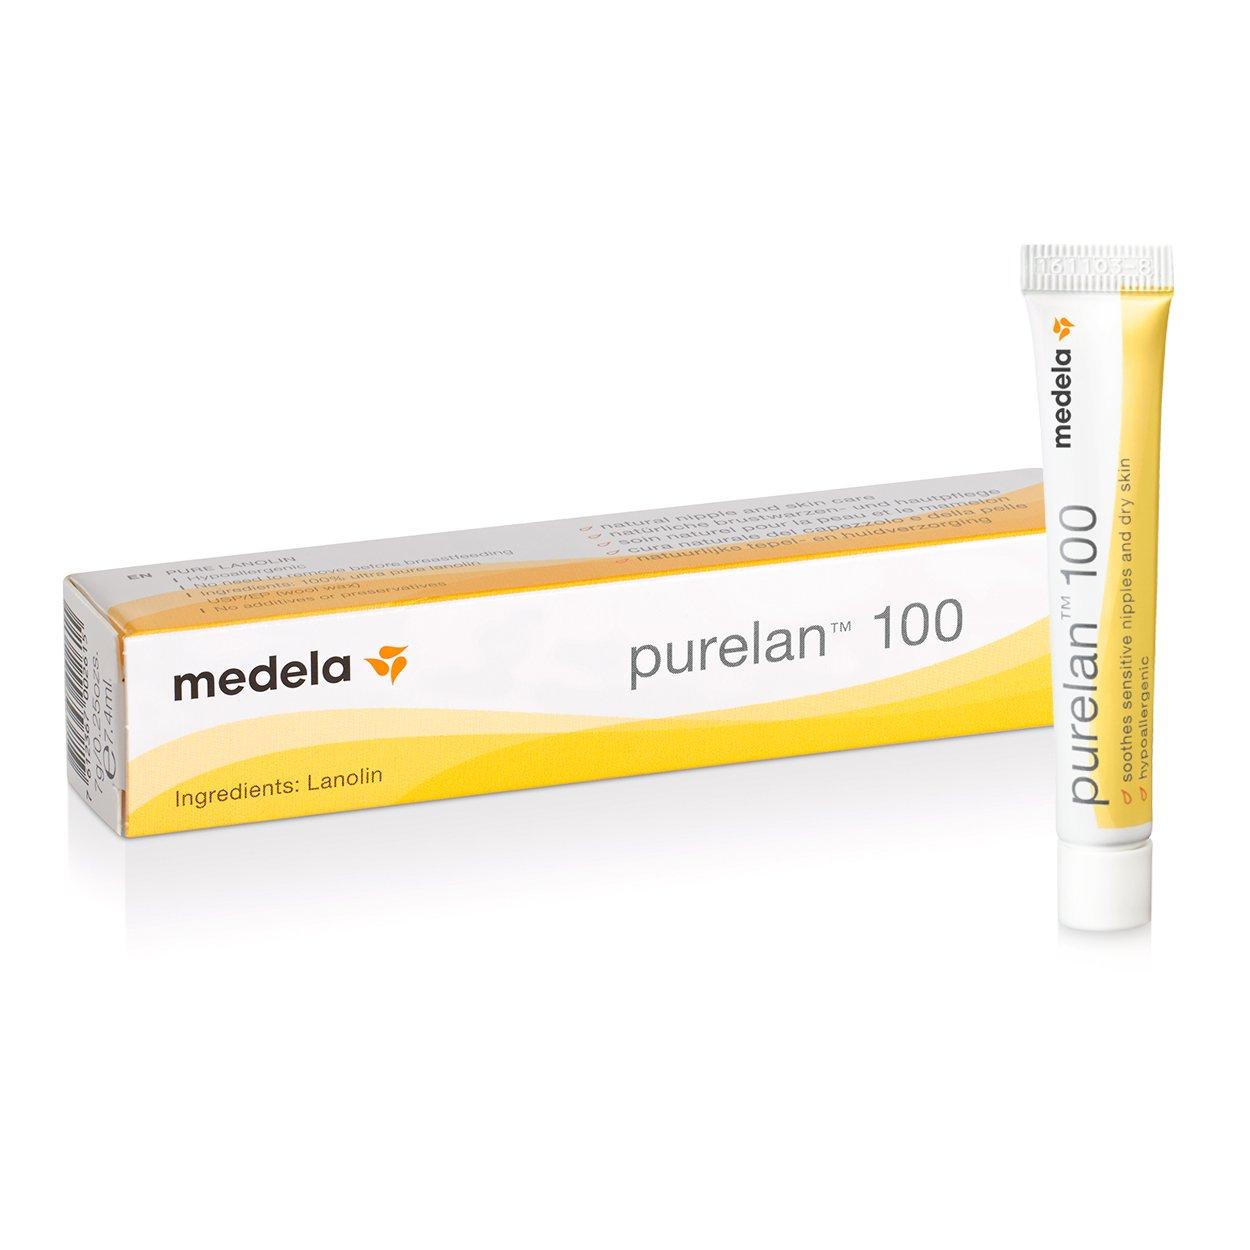 Medela PureLan 100 Crema 800.0699 Pezó n, 7 g, Amarillo 008.0048